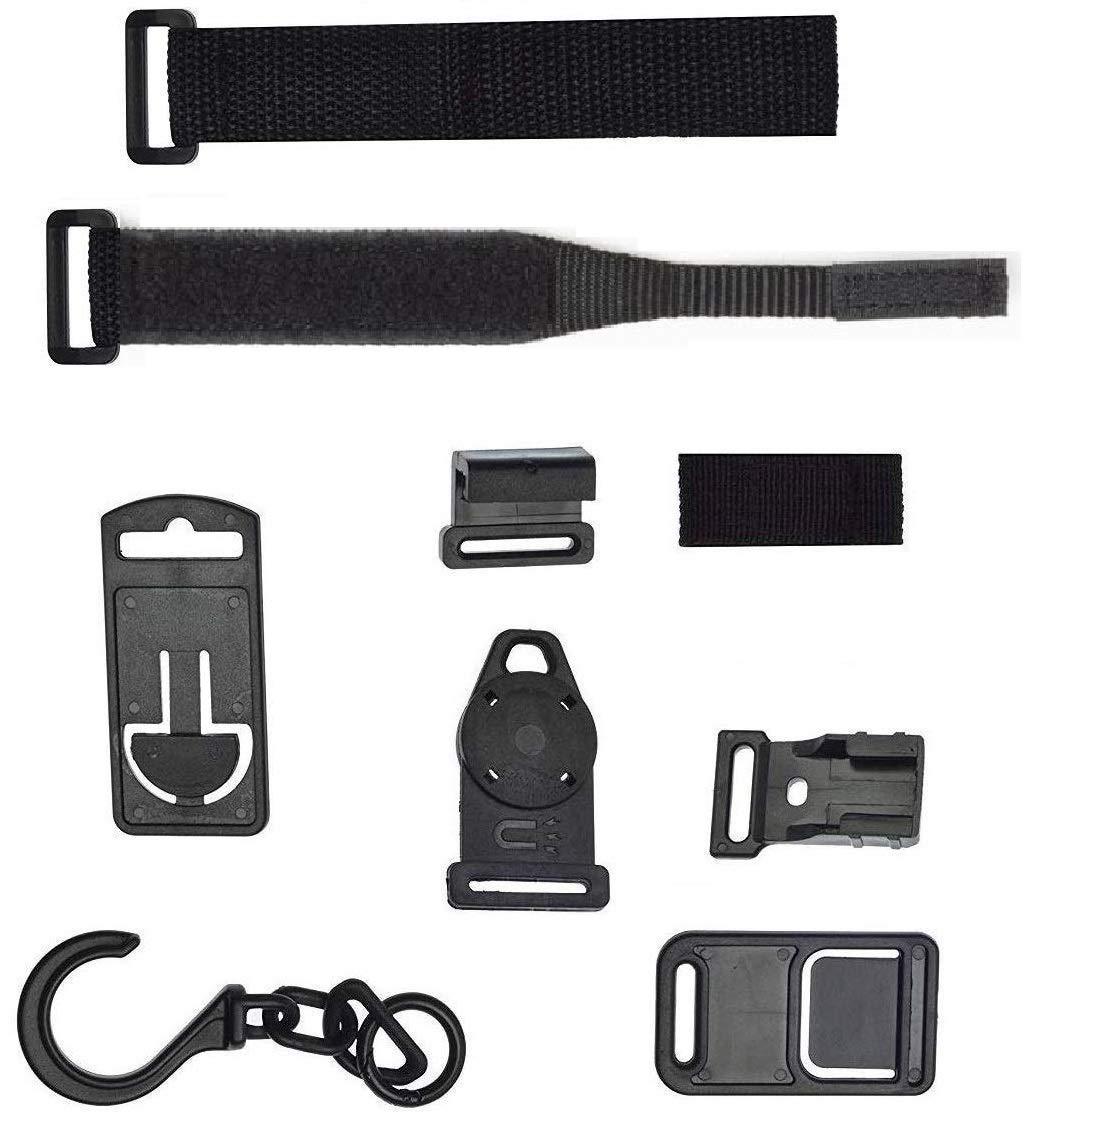 TESTO ZAK168 Magnetic Multimeter Hanging Strap Kit Practical Strong Magnet Multimeter Strap for FLUKE black HIOKI